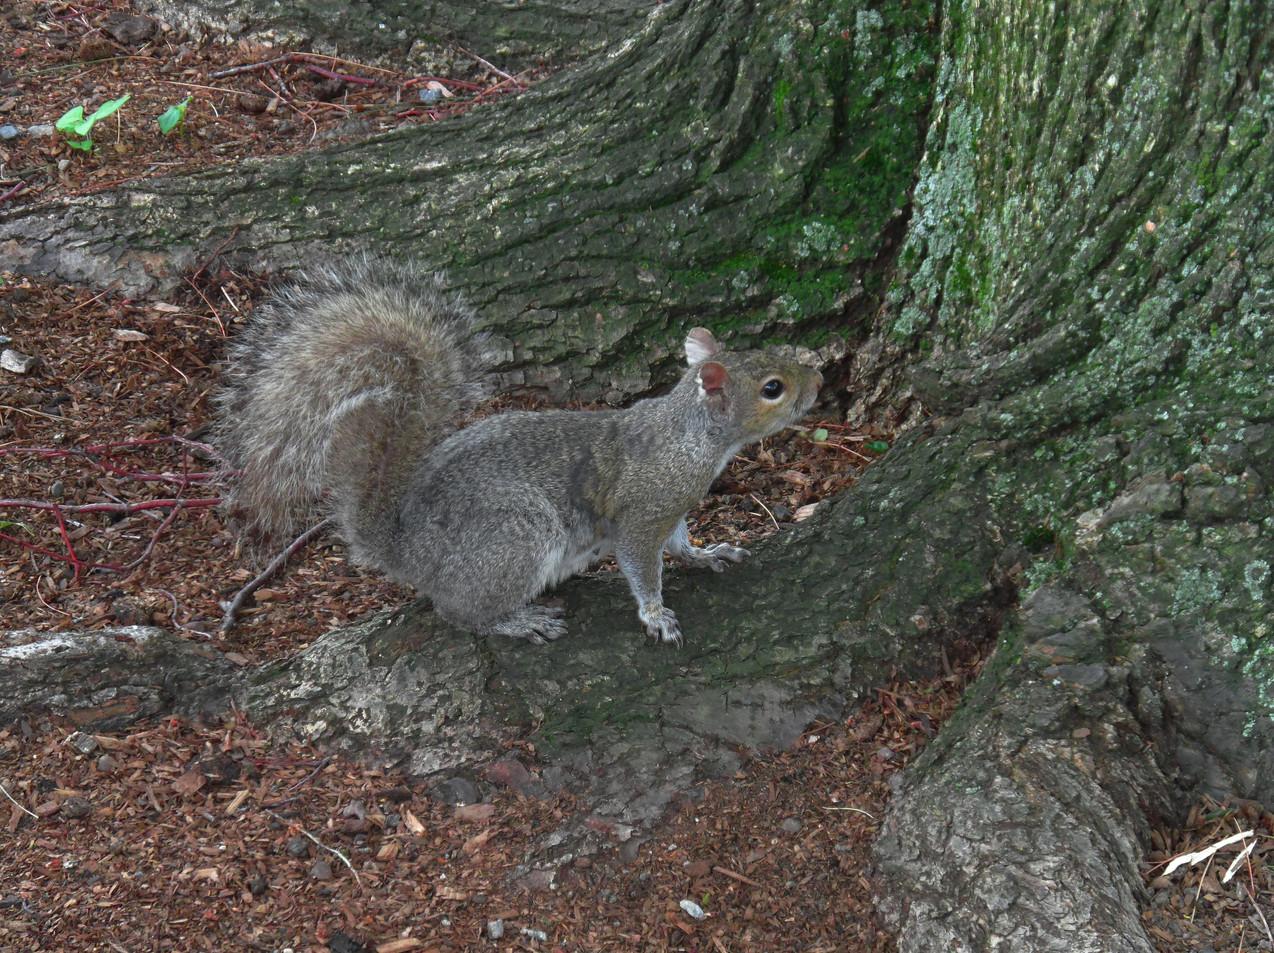 A Gray Squirrel